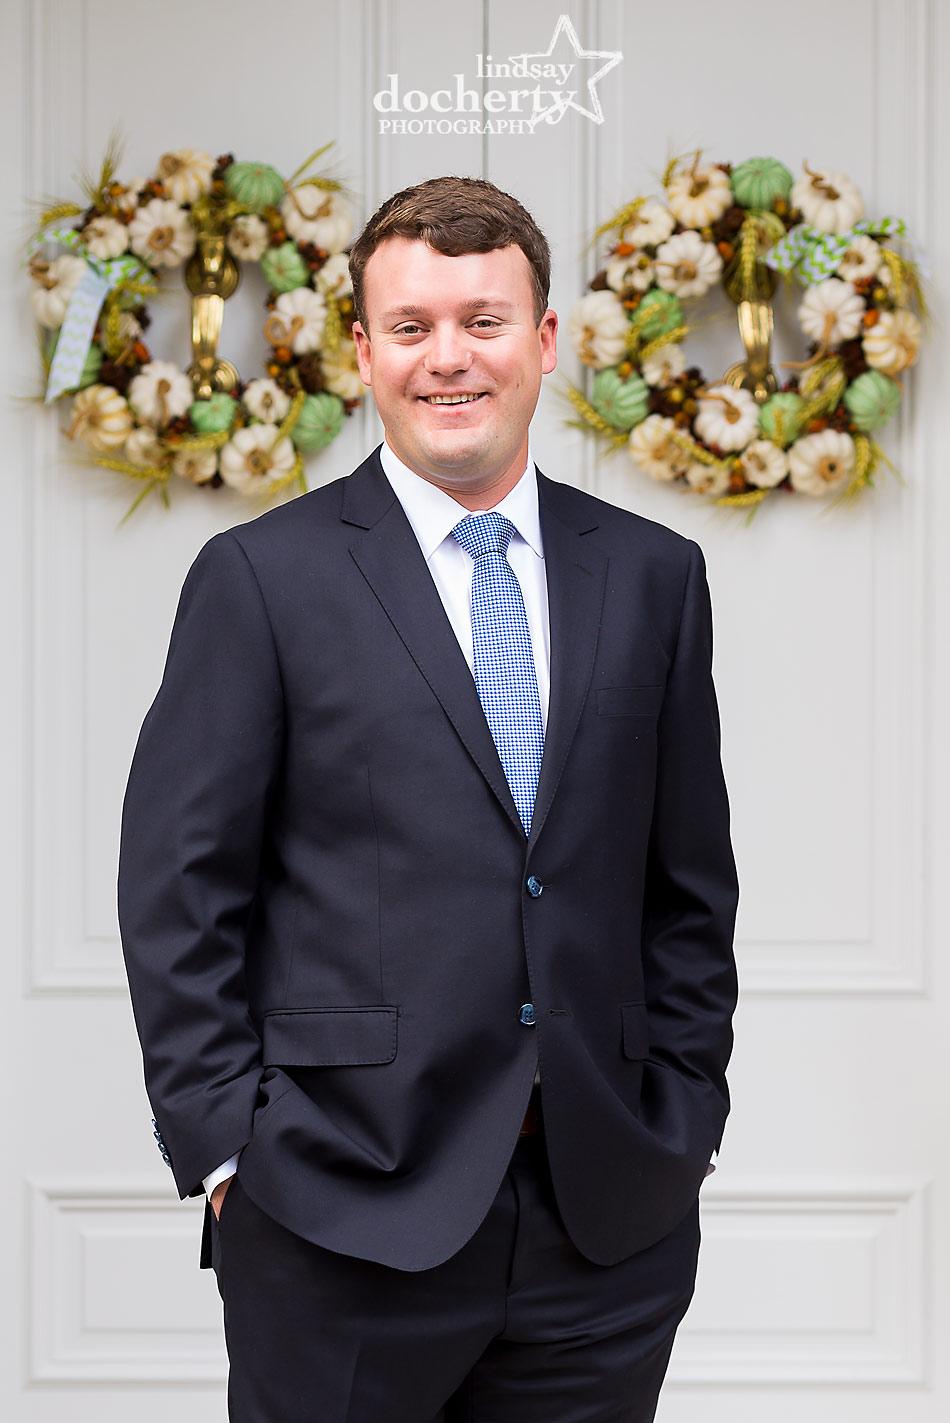 groom-portrait-before-wedding-ceremony